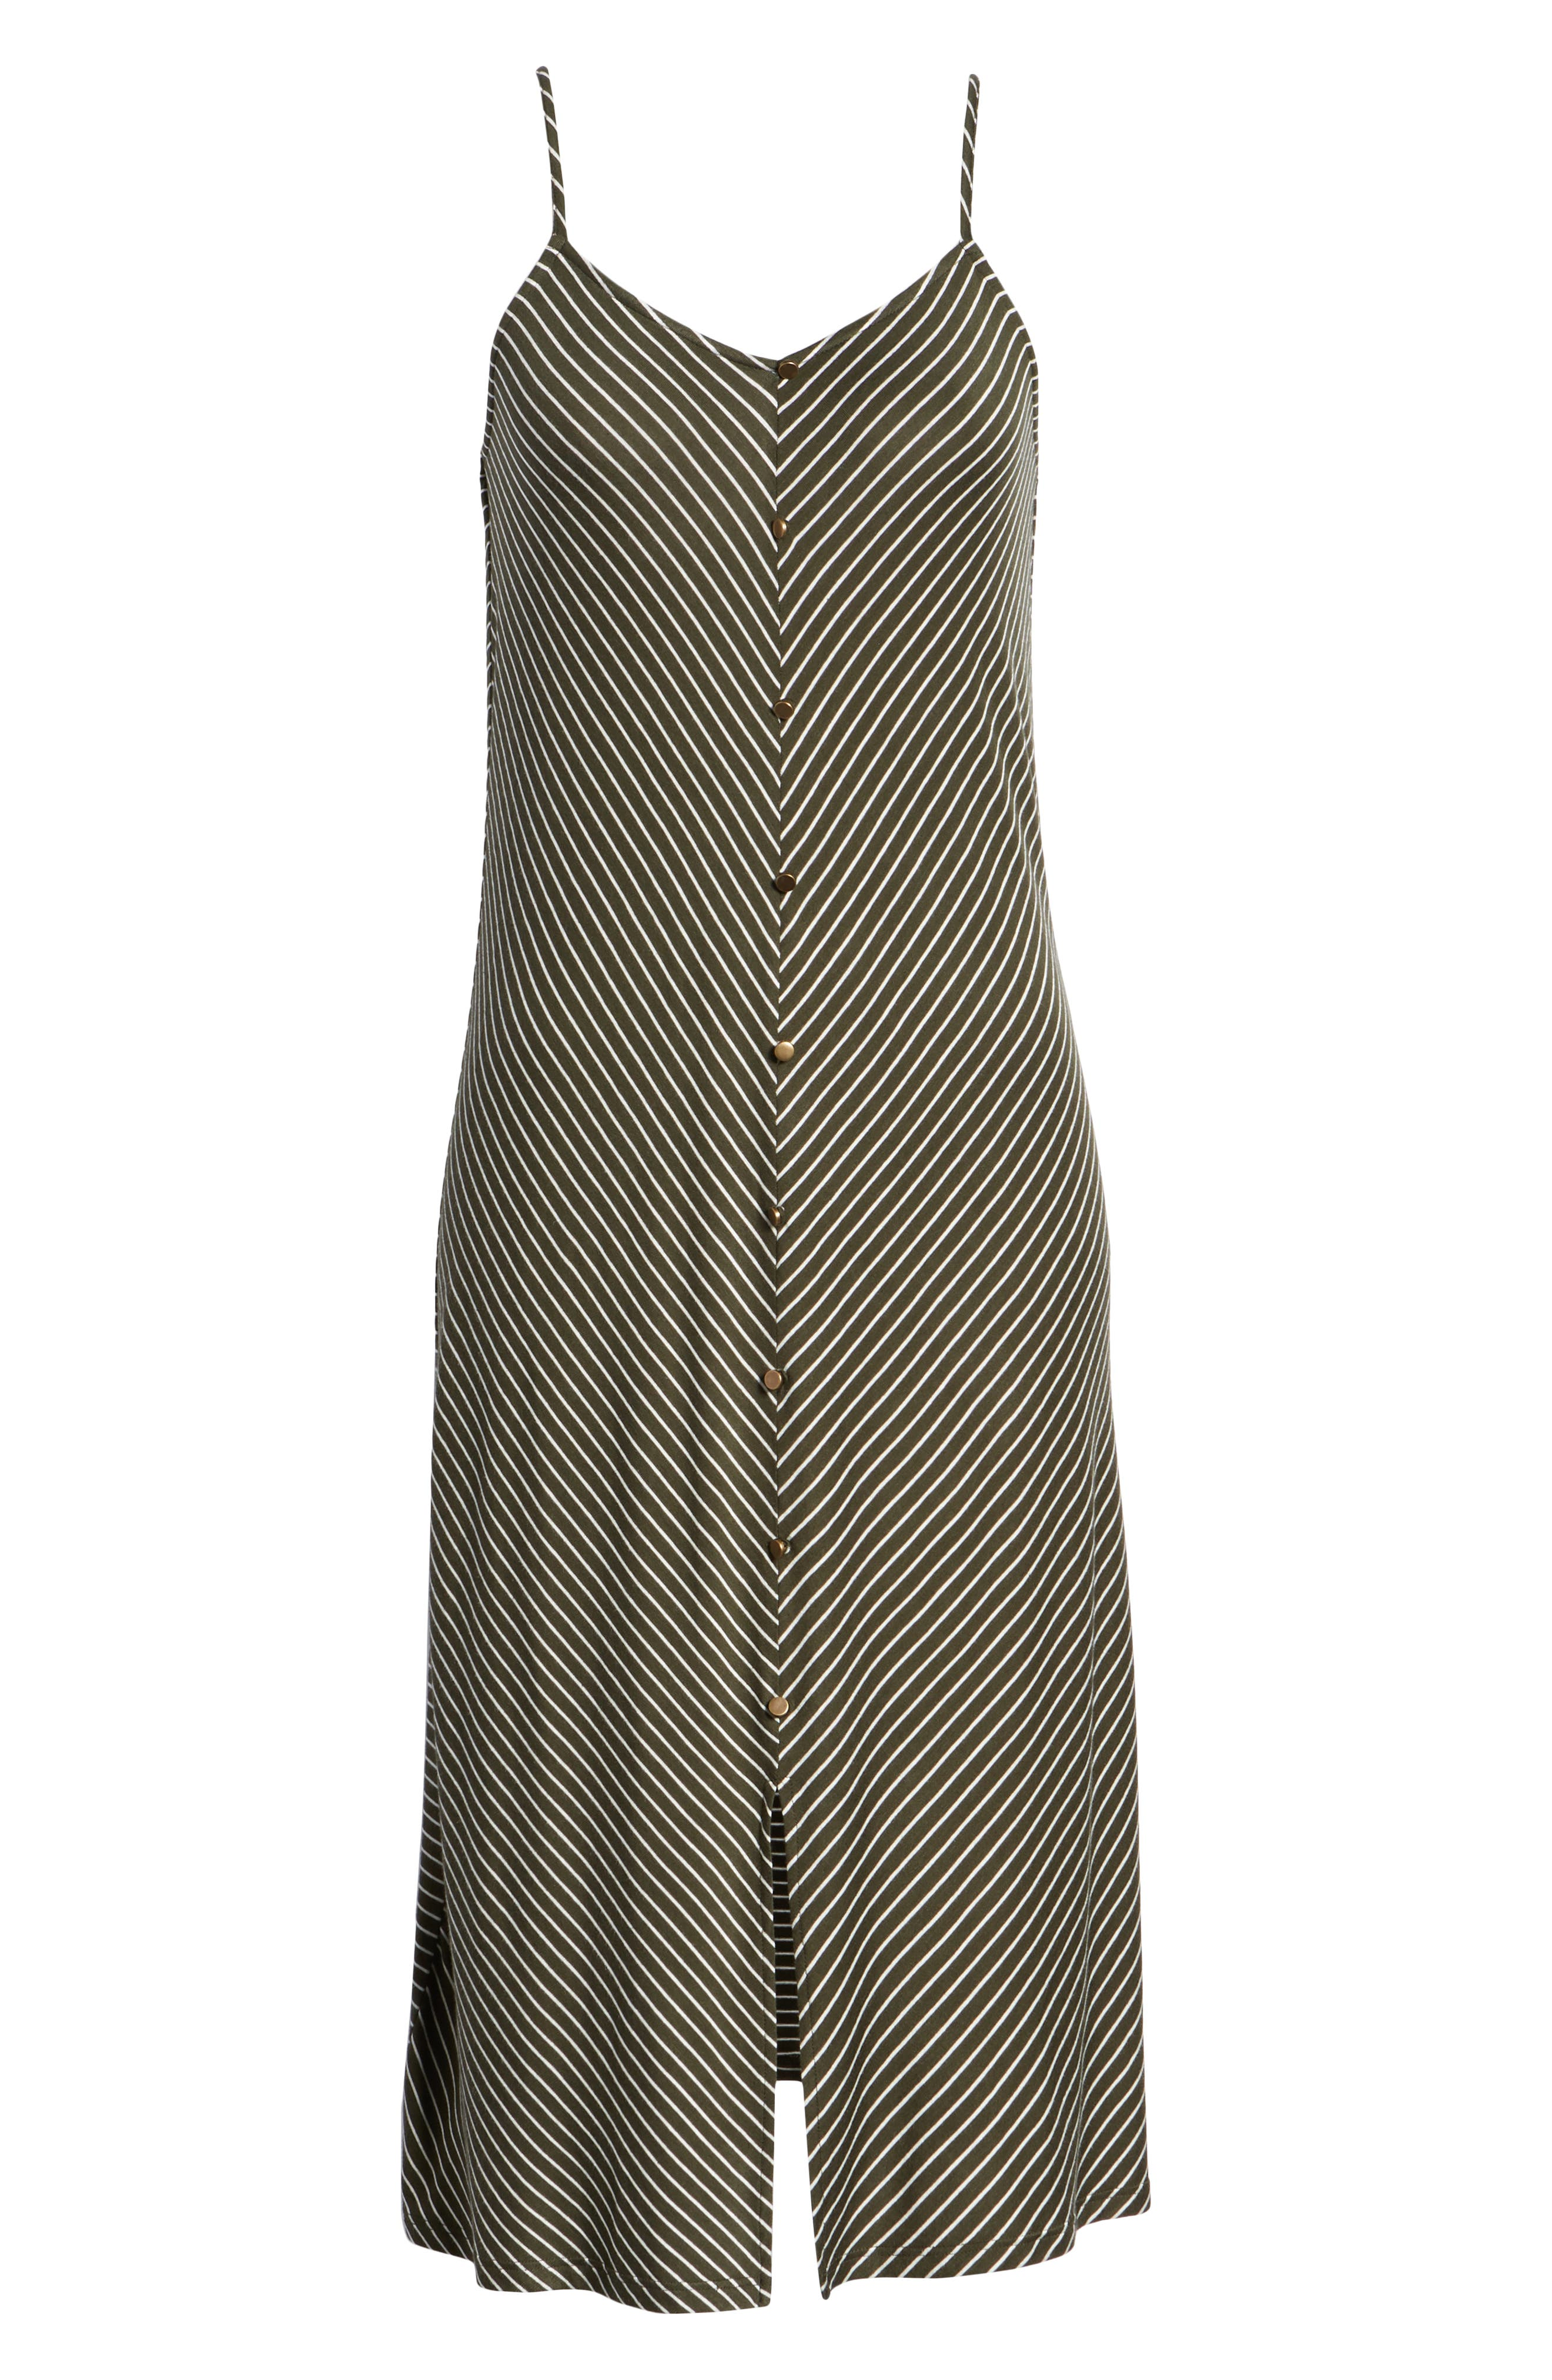 Chevron Stripe Midi Dress,                             Alternate thumbnail 7, color,                             OLIVE/IVORY